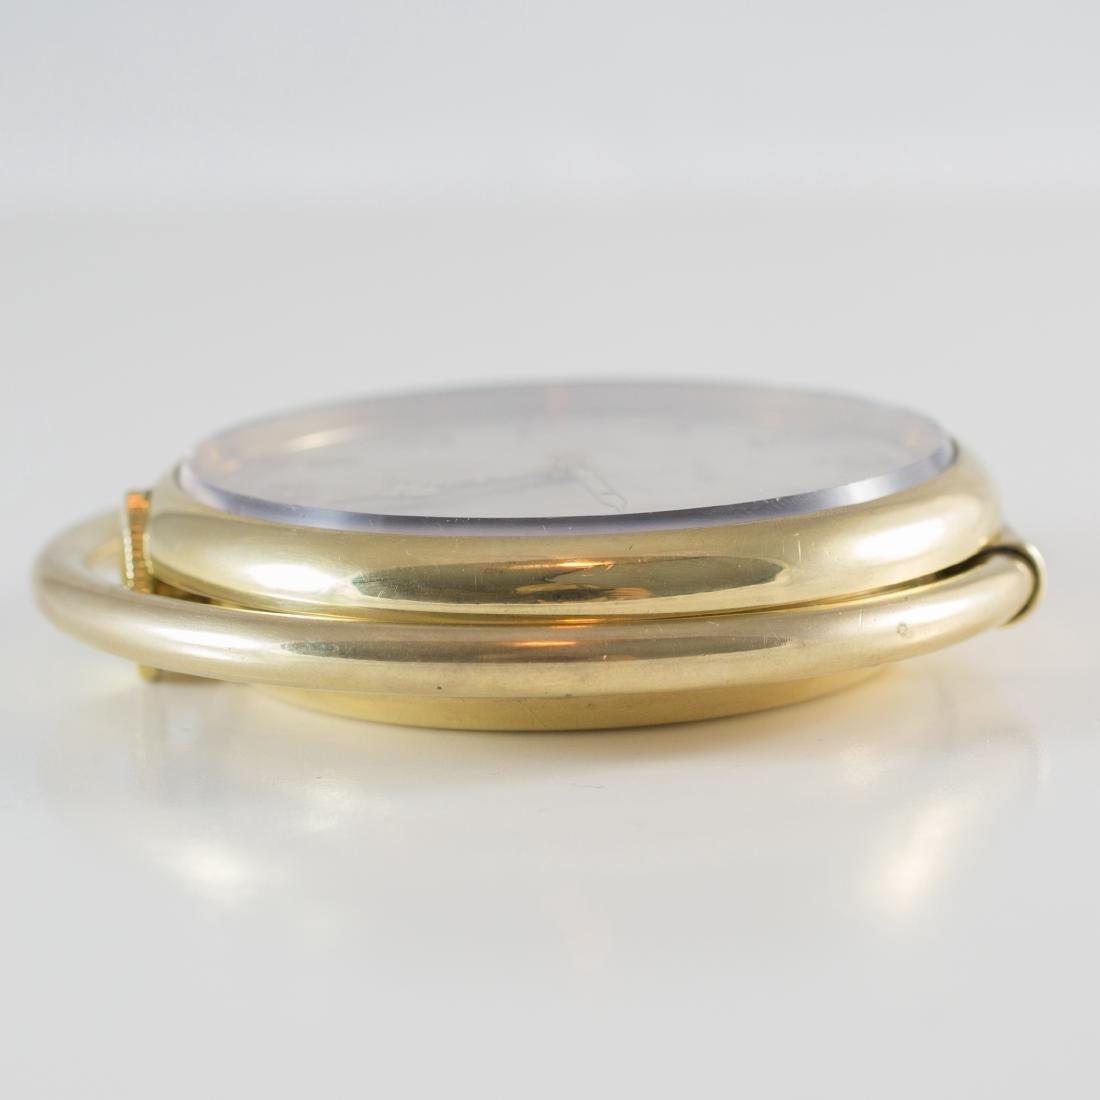 Cartier Swiss 8 Day 10K Gold Filled Travel Desk Clock - 8